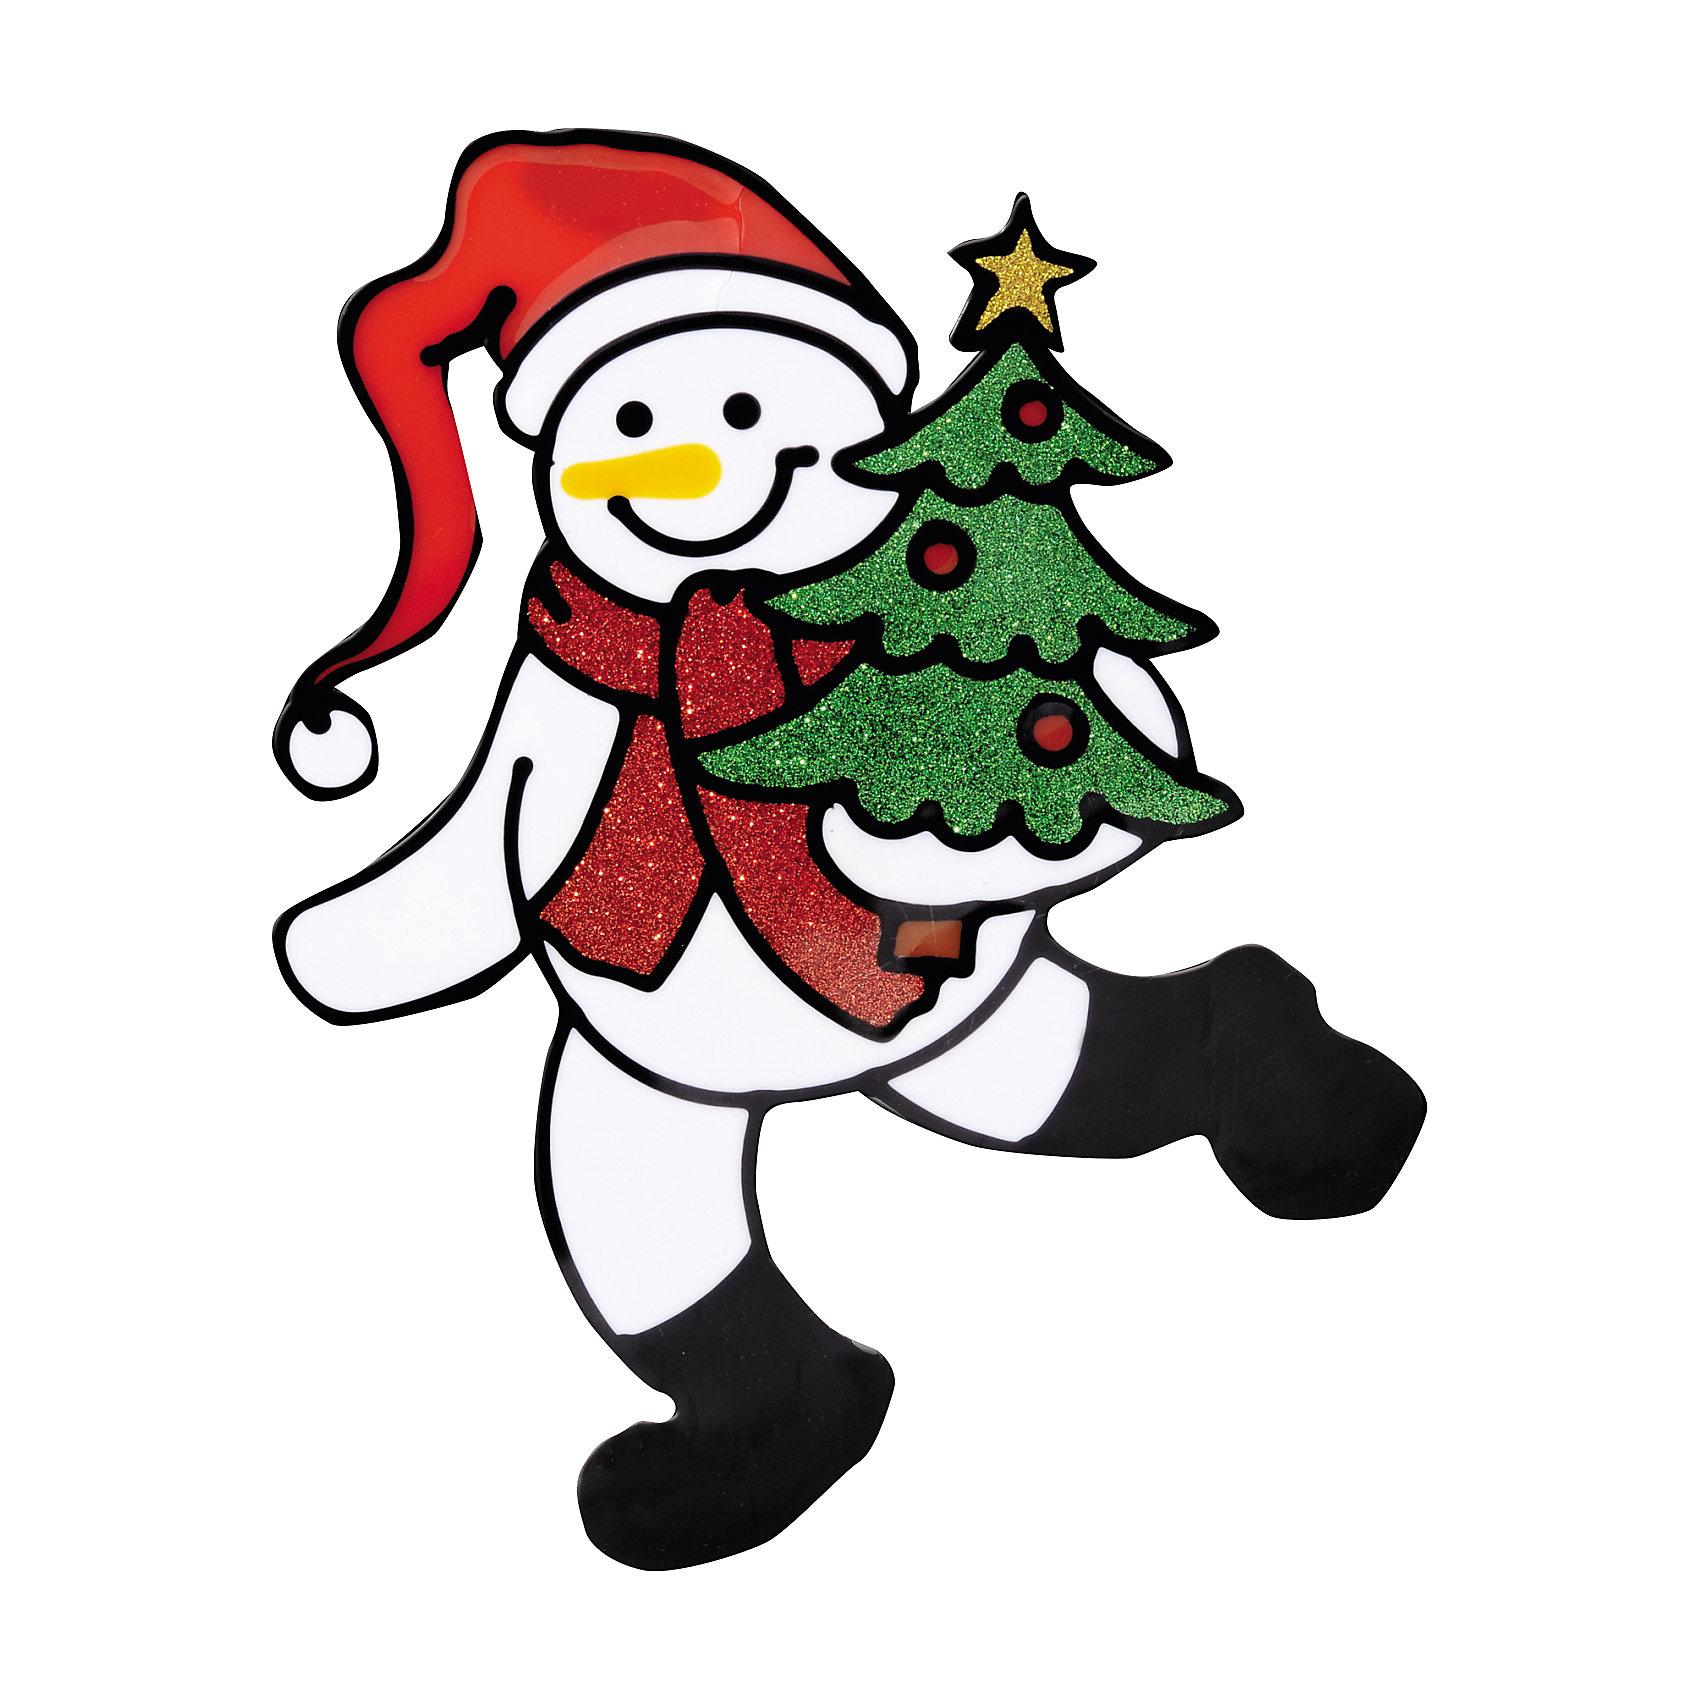 Наклейка на окно Снеговик с ёлочкой 15*19,5 смНаклейка на окно Снеговик с ёлочкой 15*19,5 см с блестками принесет в Ваш дом волшебство и красоту новогоднего праздника, превратив окно в сказочный витраж! Сувенир также послужит отличным мини-презентом близким или друзьям.<br><br>Дополнительная информация:<br>-Материалы: силикон<br>-Размер в упаковке: 15х0,5х19,5 см<br>-Вес в упаковке: 31 г<br>-Размер: 15х19,5 см<br><br>Наклейка на окно Снеговик с ёлочкой 15*19,5 см<br><br>Ширина мм: 150<br>Глубина мм: 5<br>Высота мм: 195<br>Вес г: 31<br>Возраст от месяцев: 84<br>Возраст до месяцев: 2147483647<br>Пол: Унисекс<br>Возраст: Детский<br>SKU: 4286717